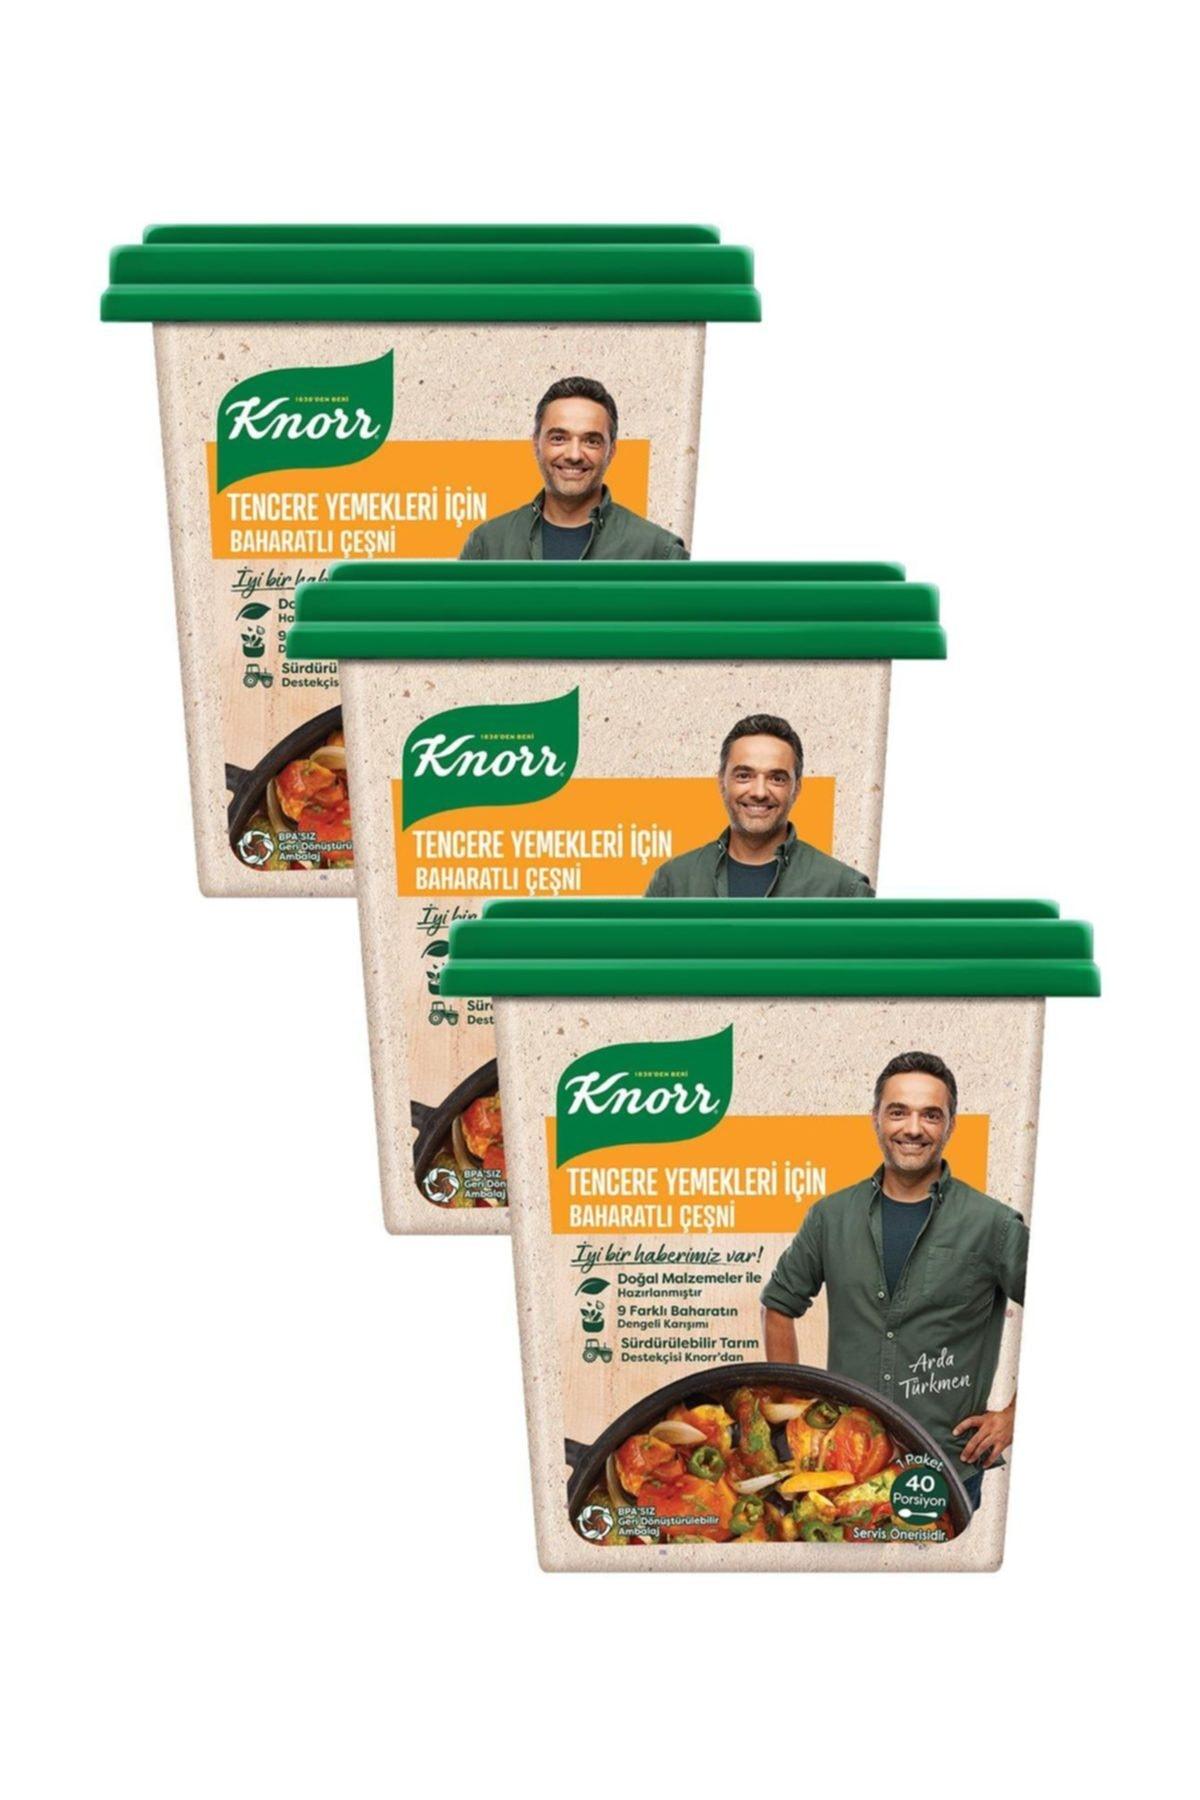 Knorr Tencere Yemekleri İçin Baharatlı Çeşni 135 G x 3 1